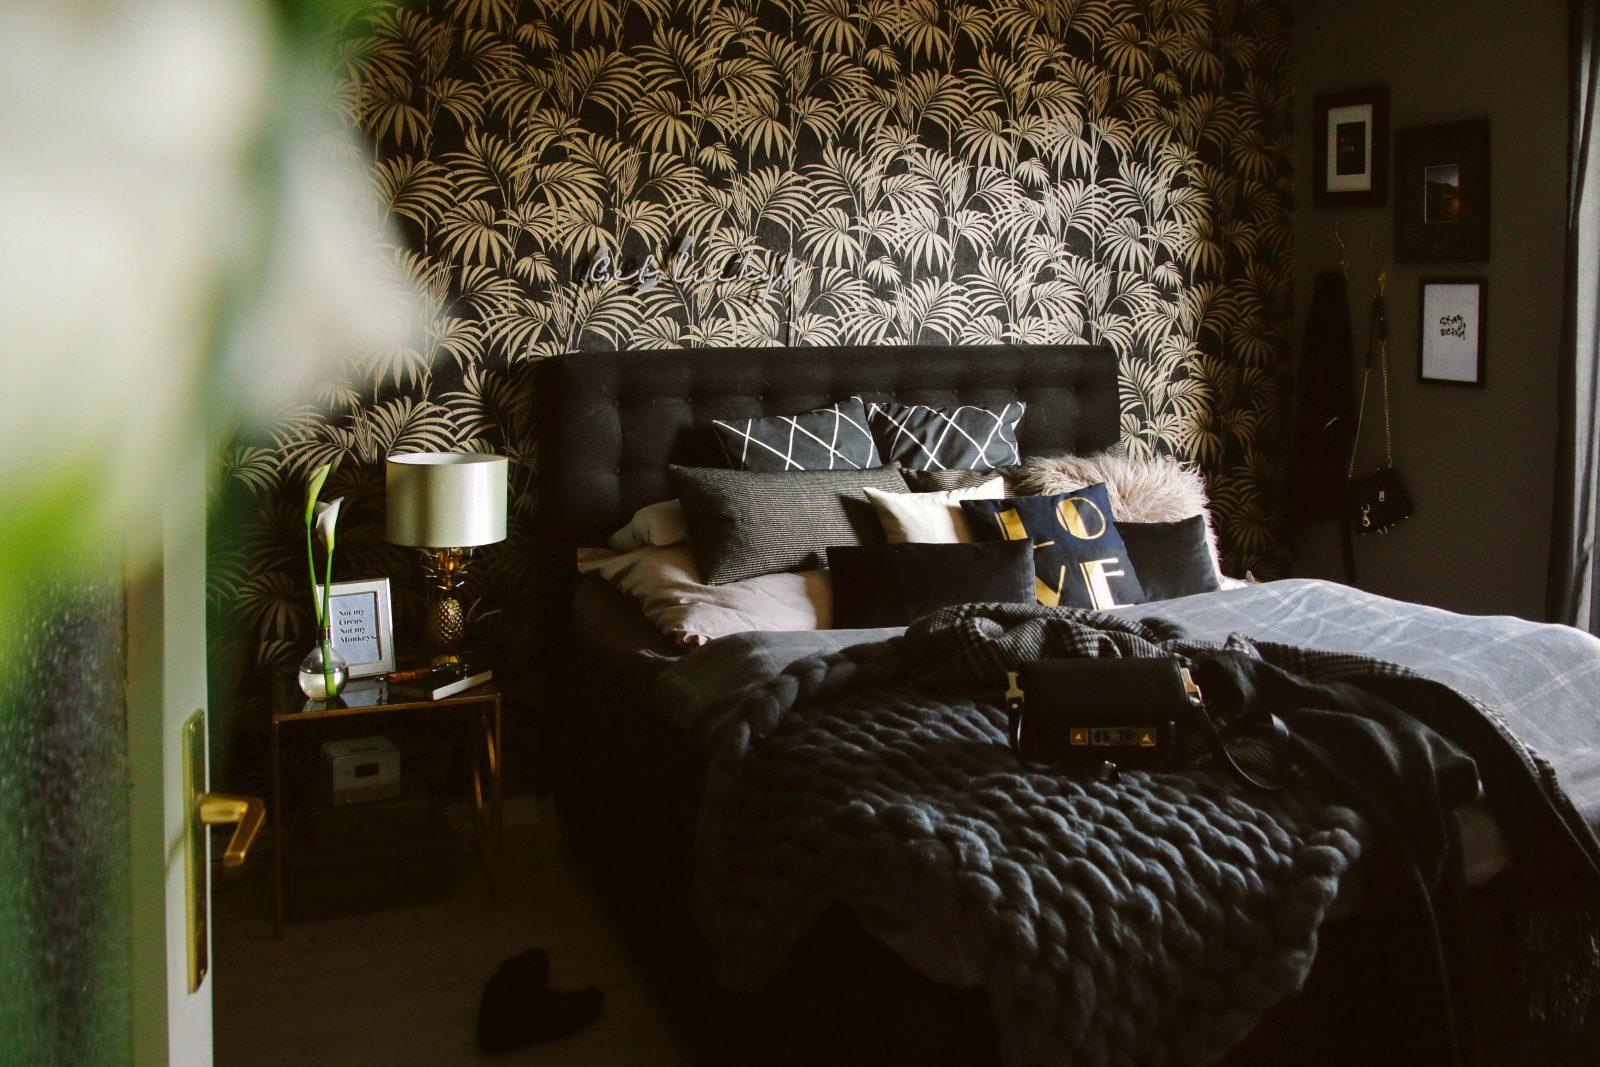 365 Tage Vallavik Warum Ich Mir Ein Boxsprinbett Gekauft Habe von Welches Bett Ist Das Richtige Für Mich Photo